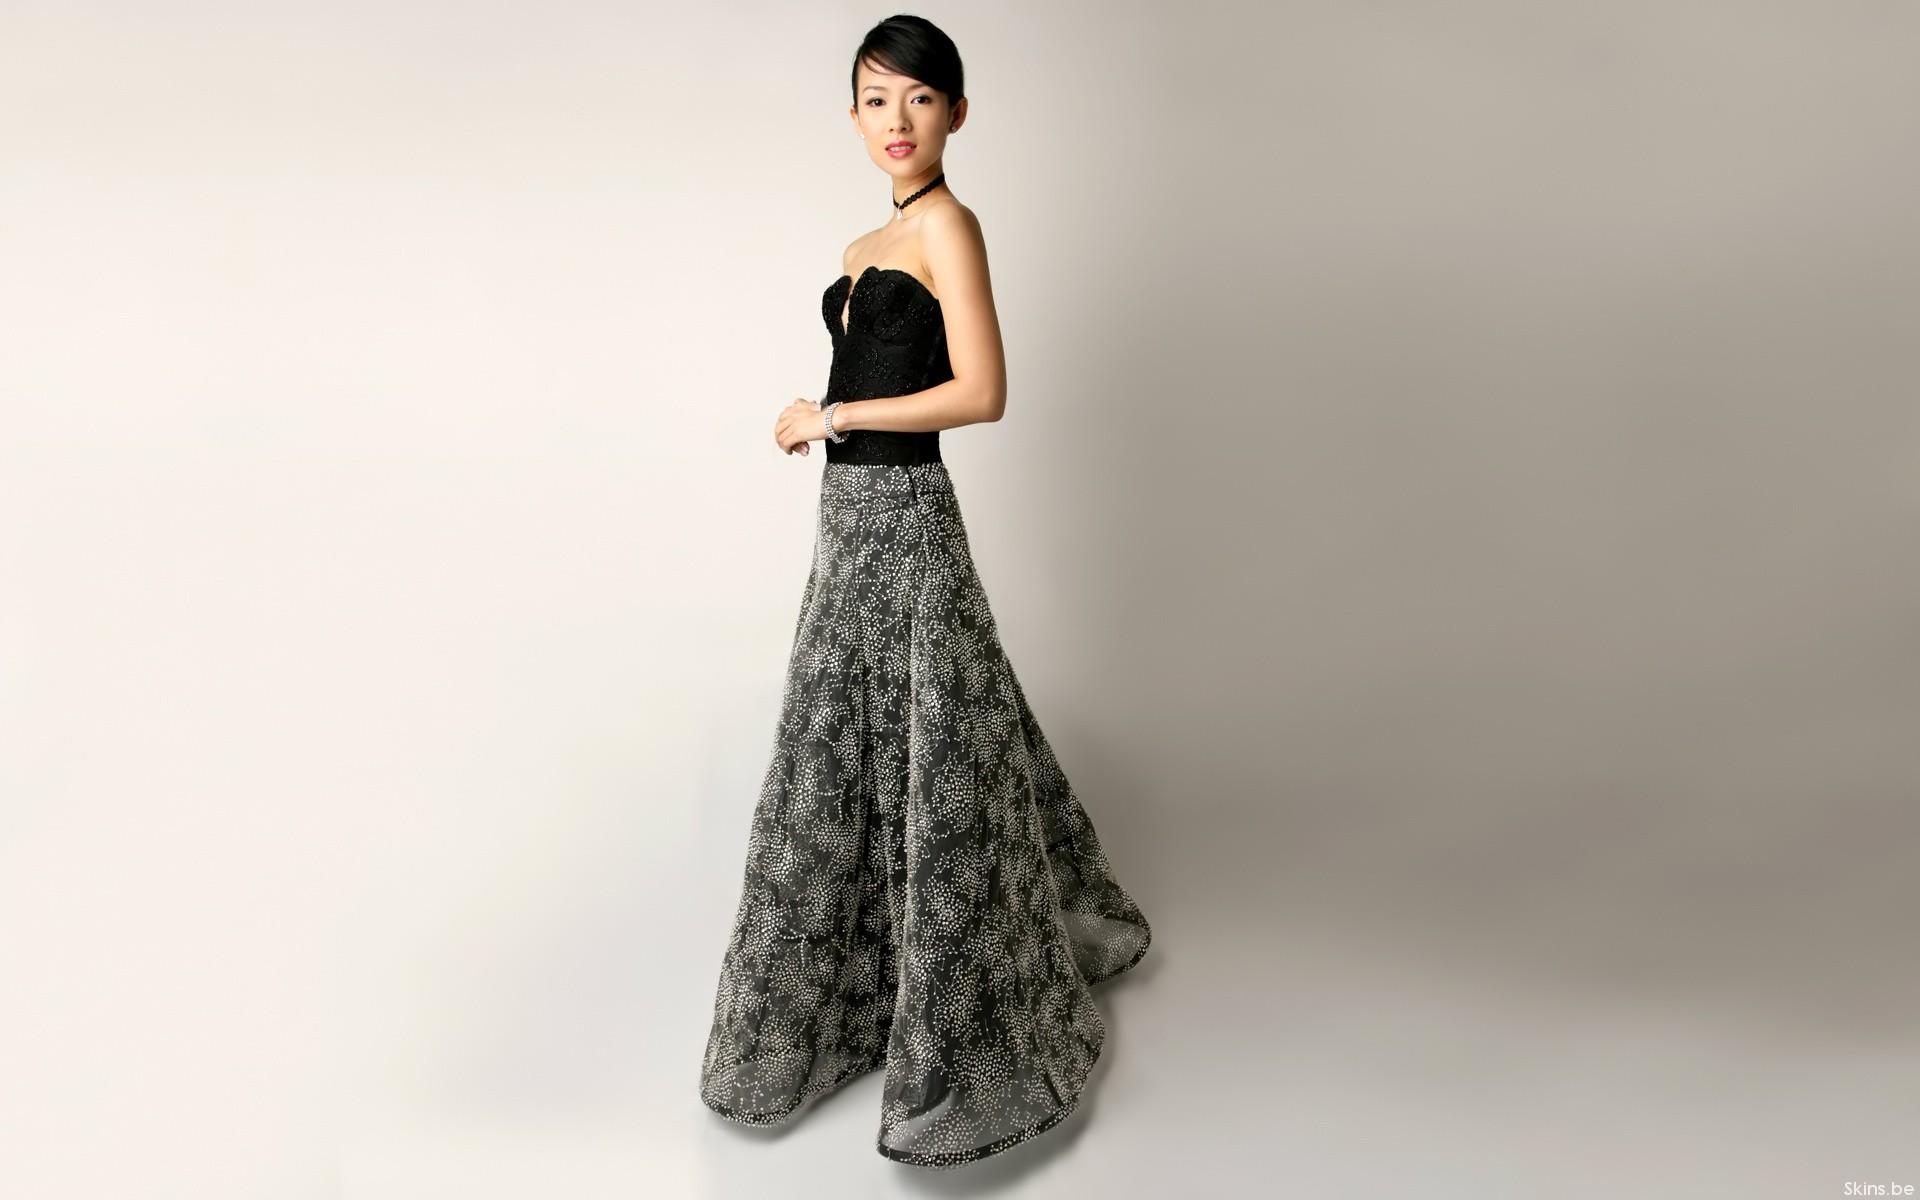 Ziyi Zhang con vestido - 1920x1200